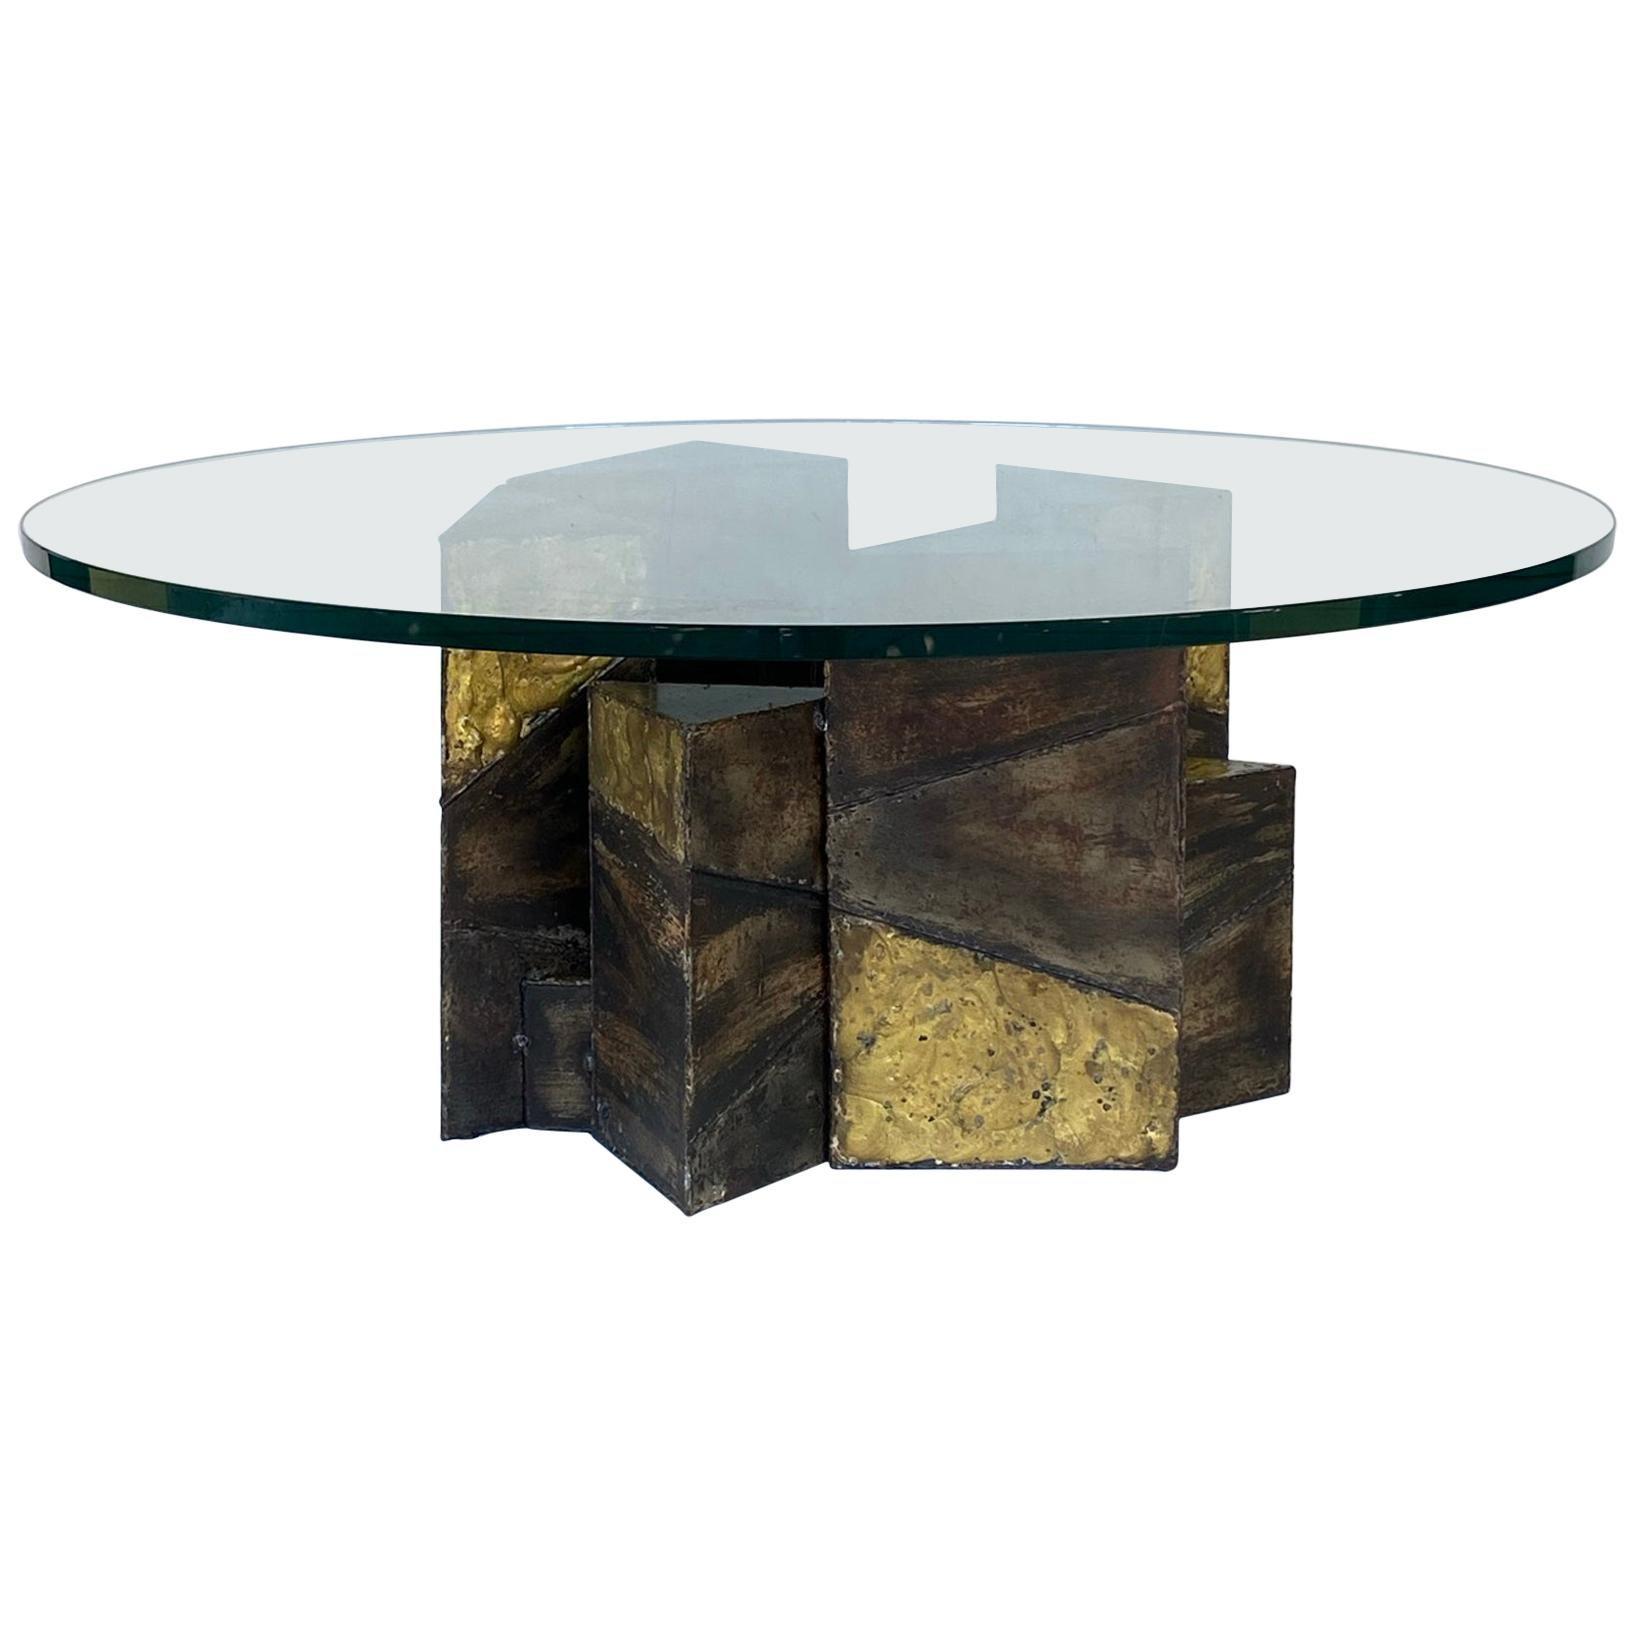 paul evans welded steel brutalist coffee table studio made